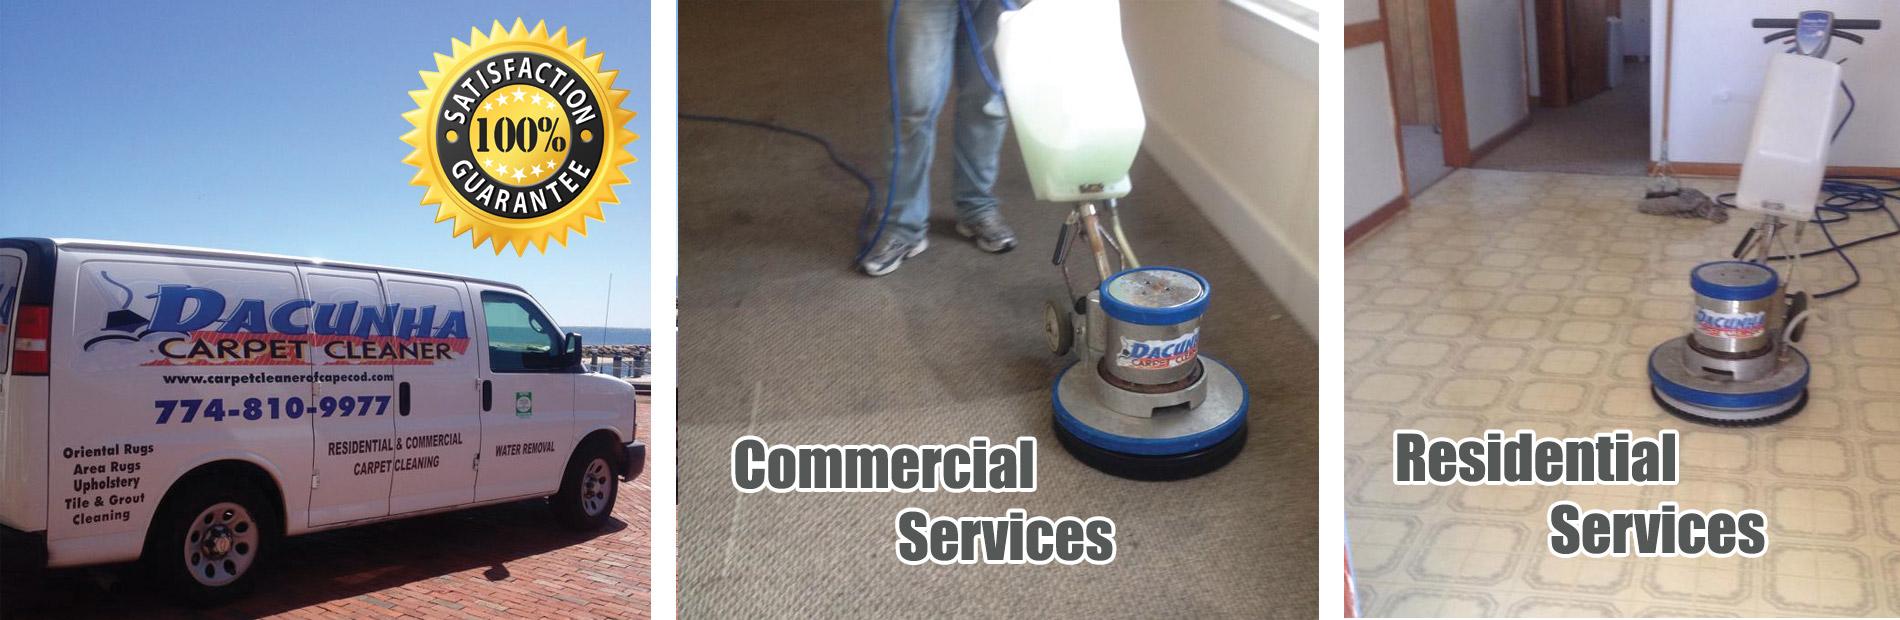 Carpet Cleaner in Cape Cod - Carpet